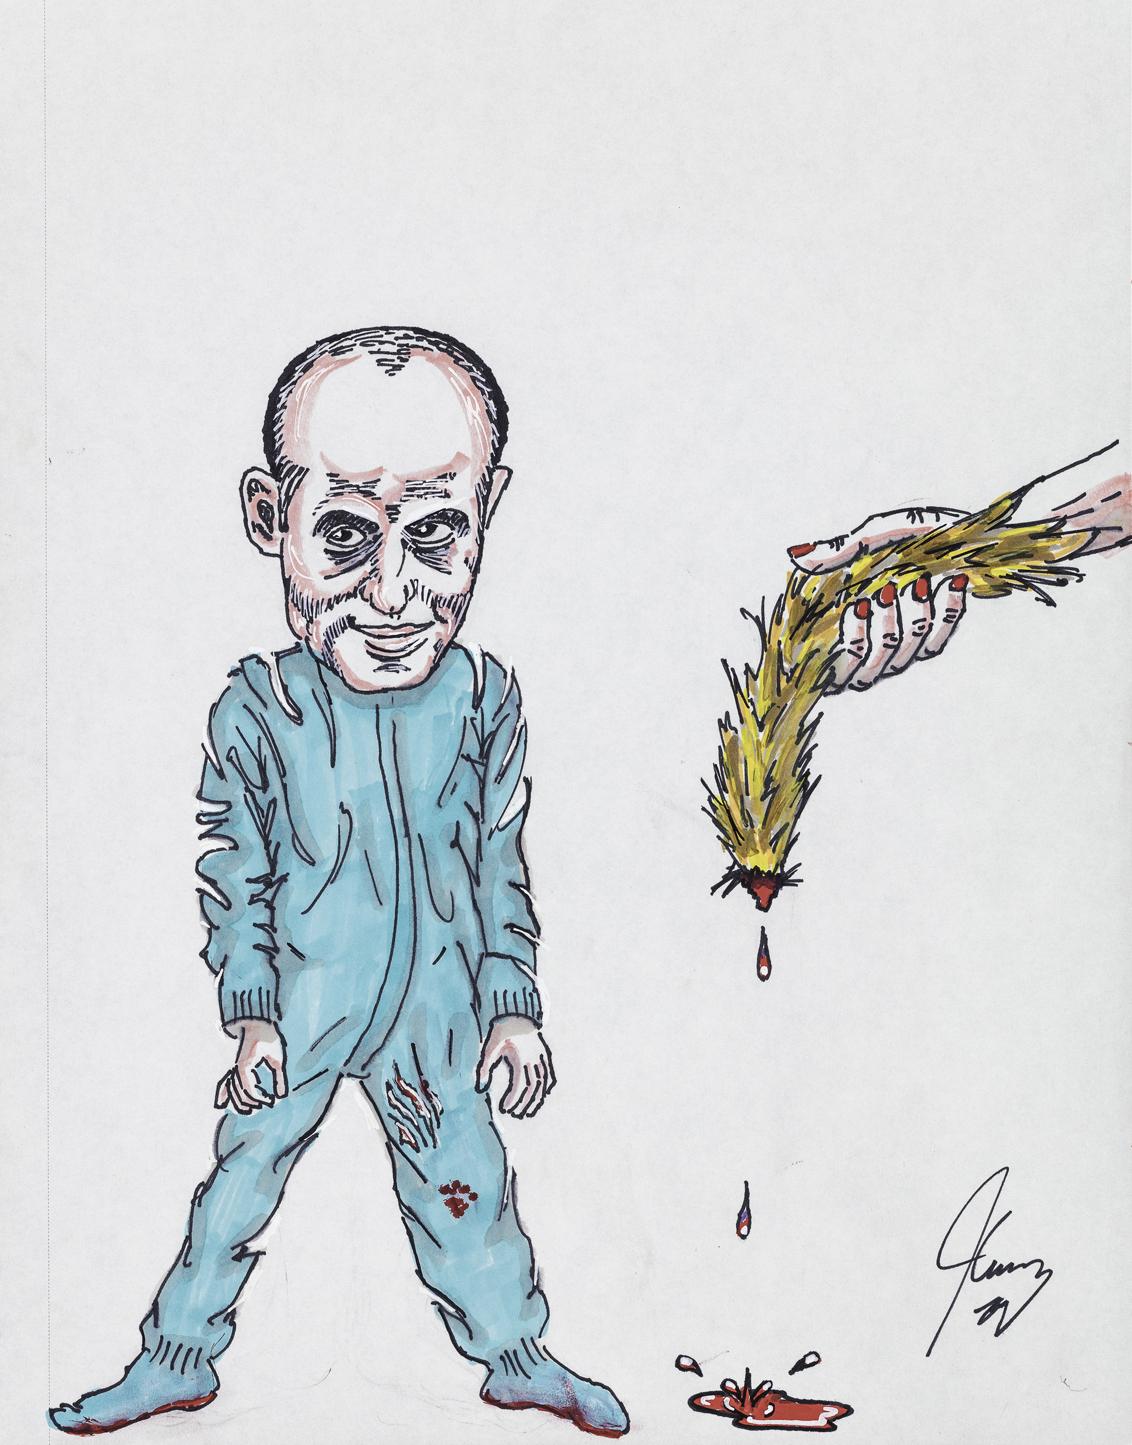 jim Carrey political art los angeles